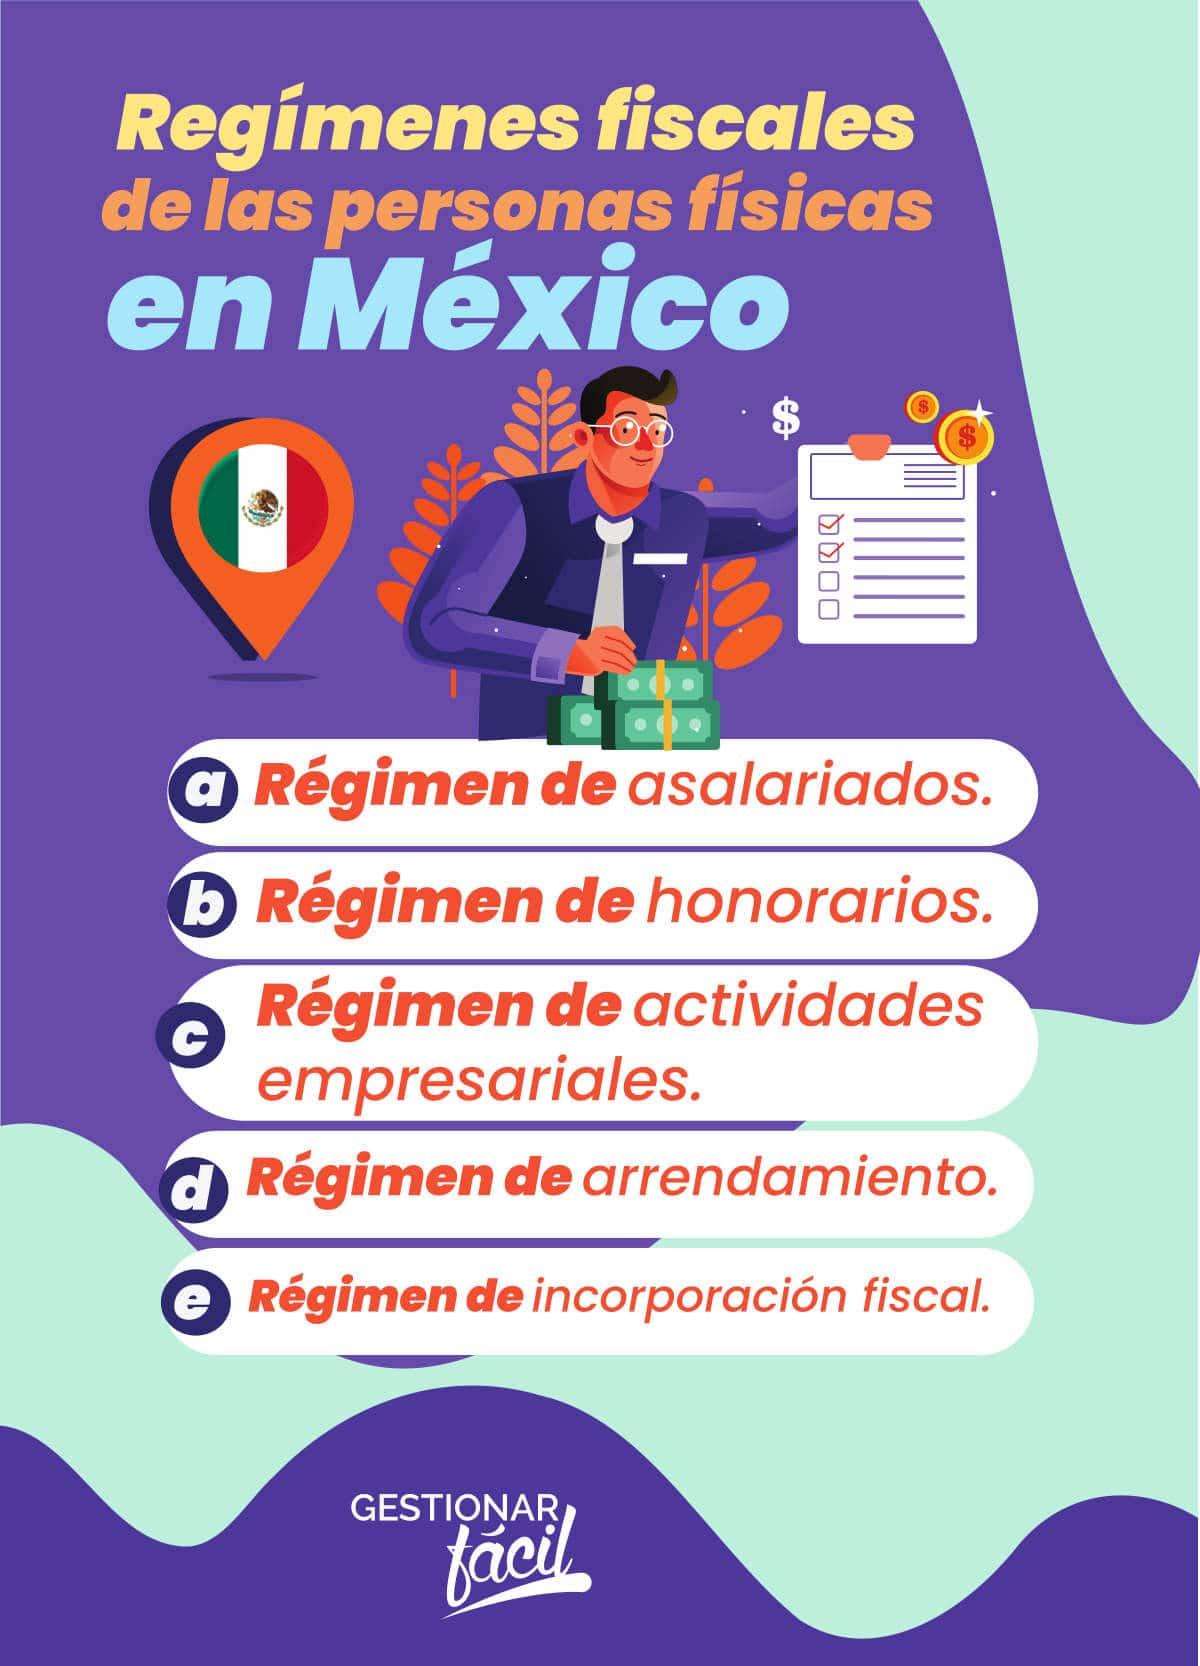 Regímenes de las personas físicas en México.